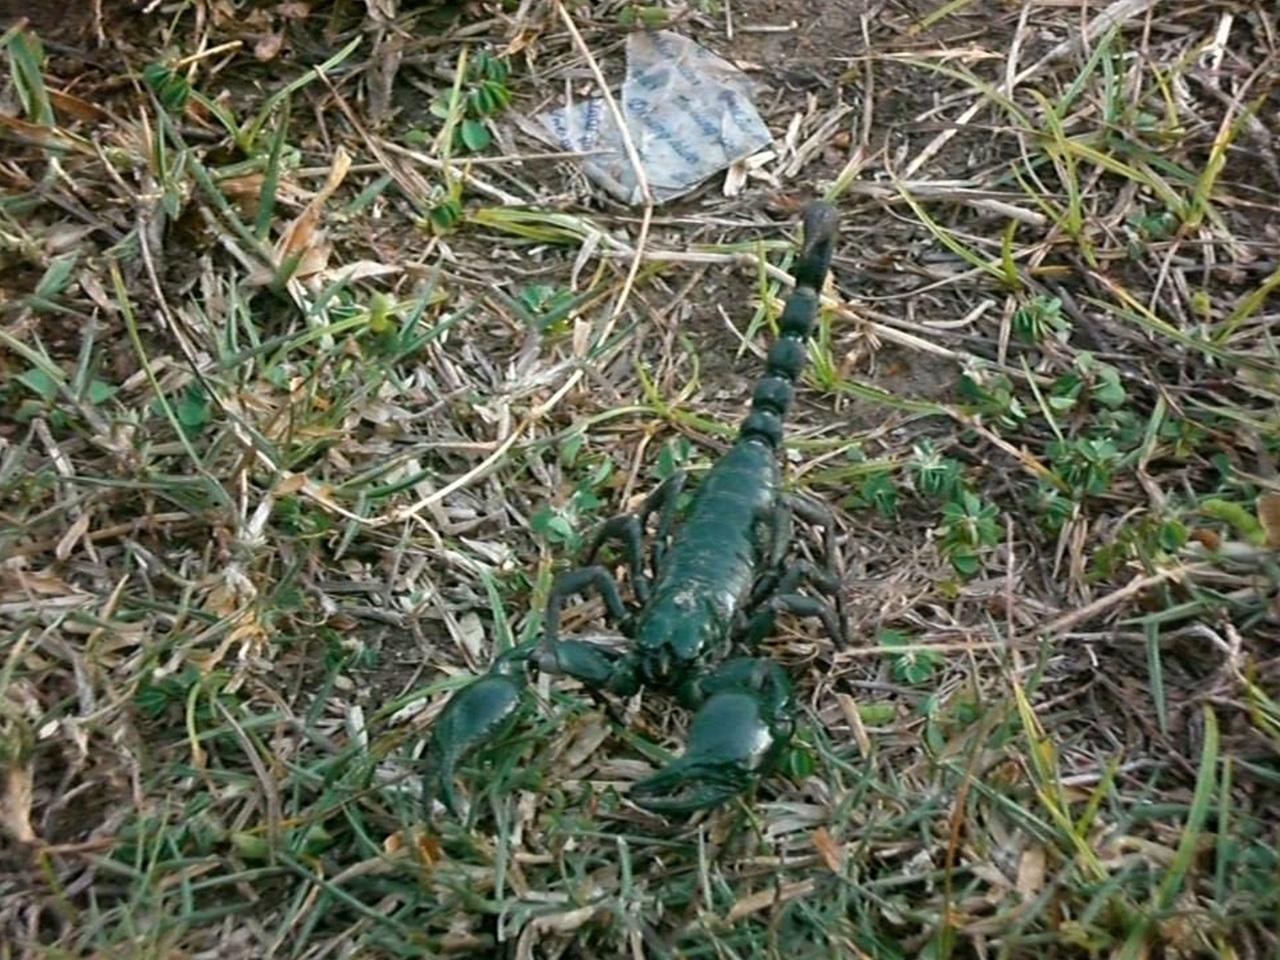 캄보디아 정글에는 녹색 전갈이 있다!